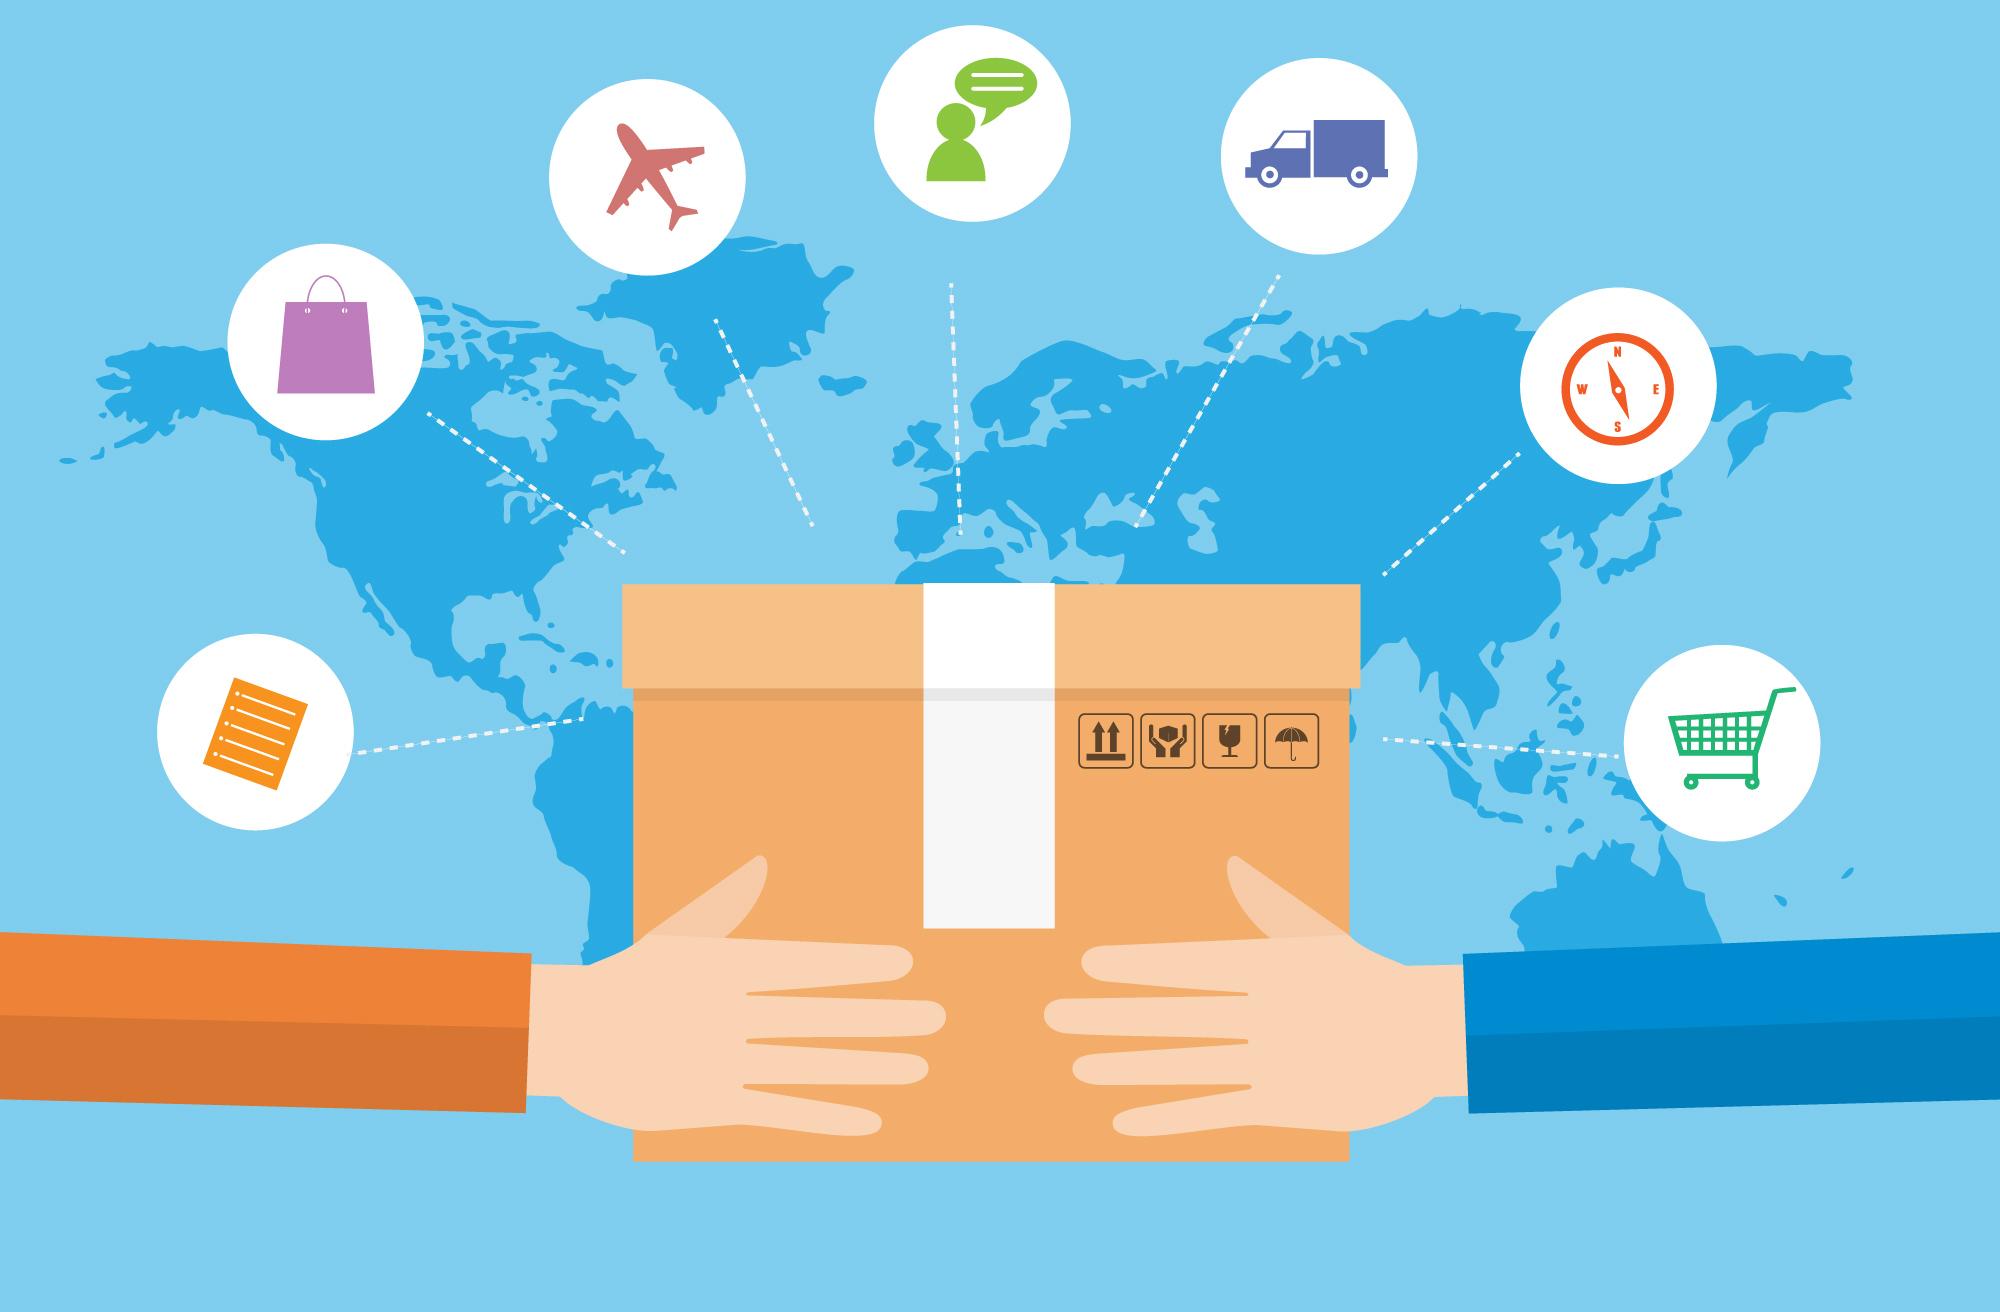 Bling e e-TOTAL: controle e facilidade para a logística